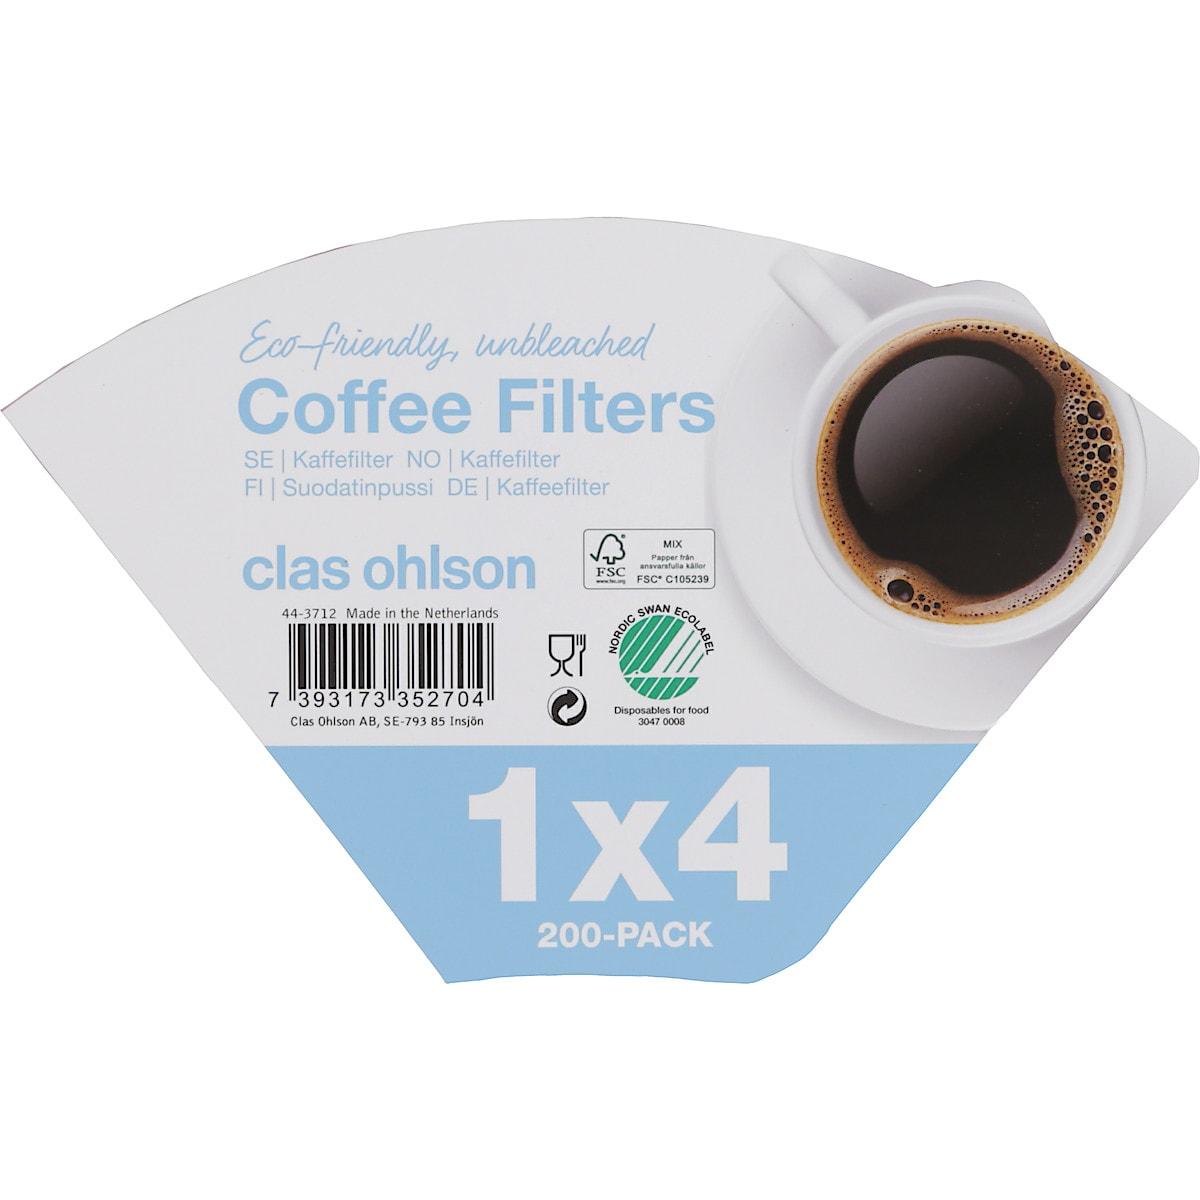 Kaffefilter 1x4, 200-pack